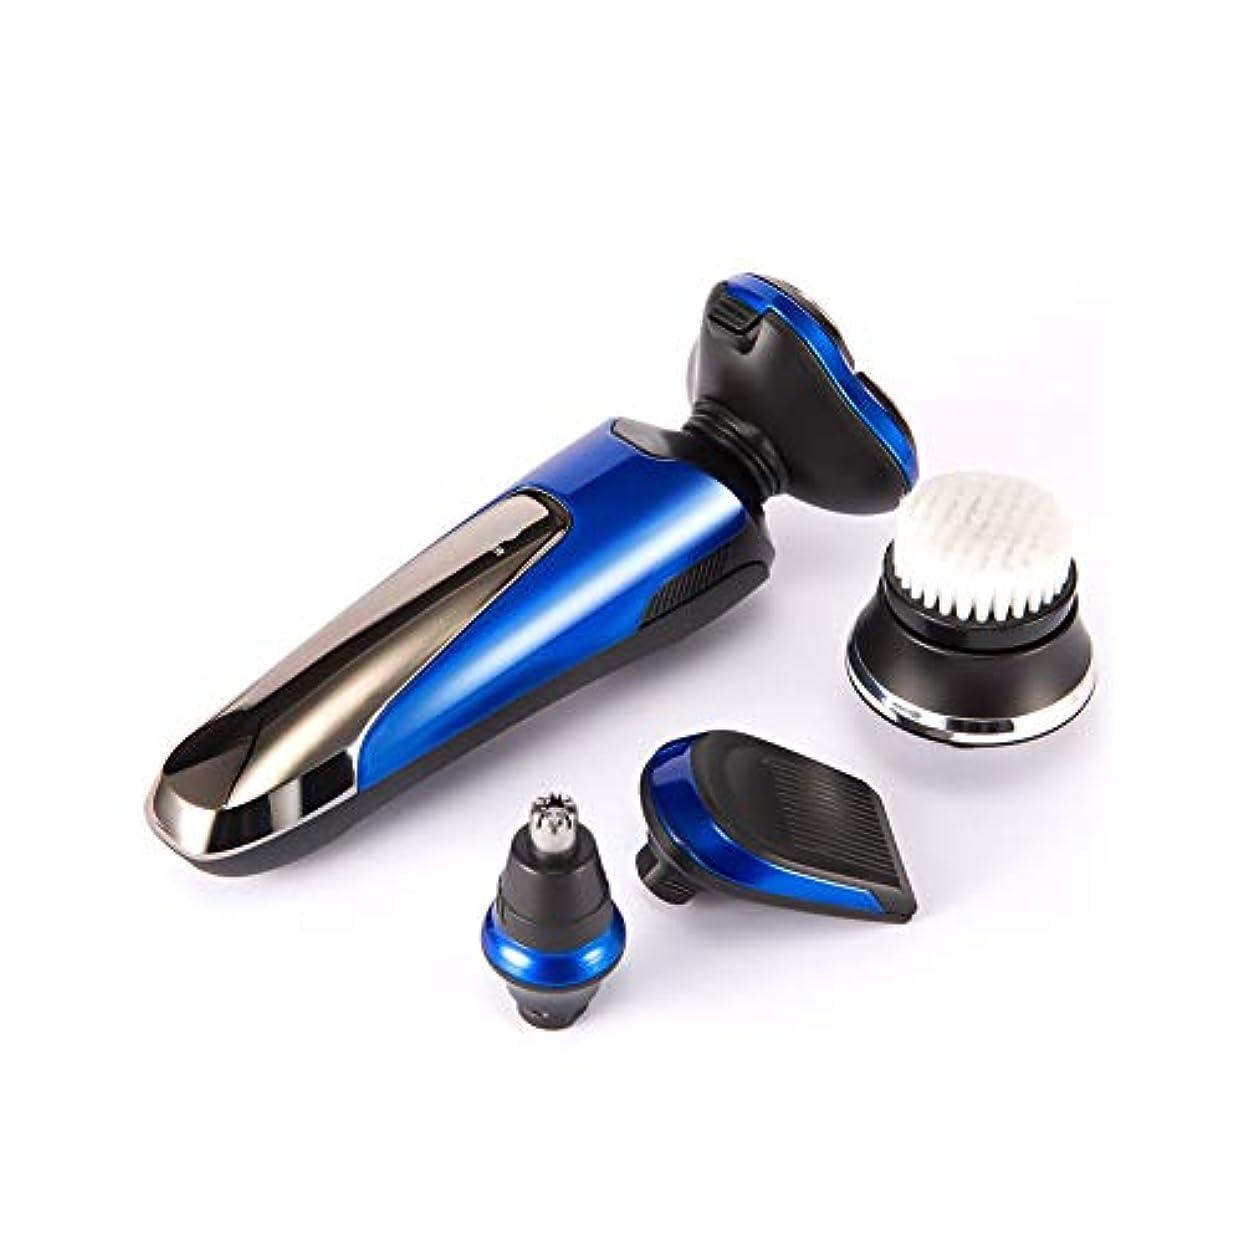 慢性的シャワー対角線男性電動シェーバーかみそり充電式ロータリー2019更新バージョンウェット&ドライ使用Ipx 6防水ノーズトリマーポップアップトリマーフェイシャルクリーニングブラシ